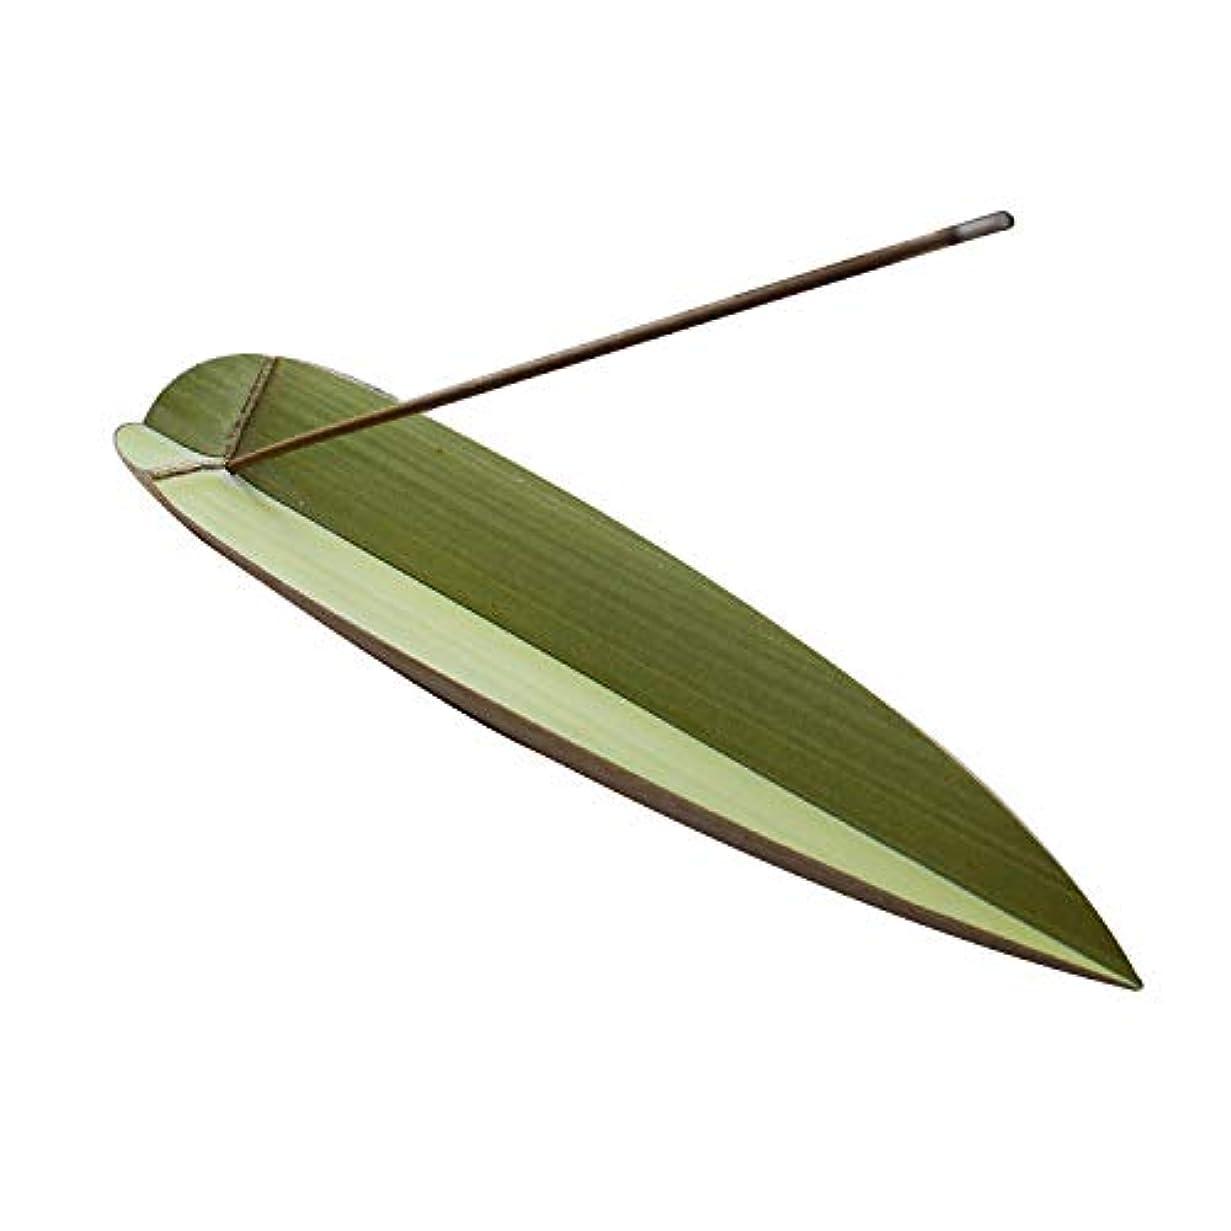 つぶやき施し溢れんばかりのPHILOGOD 香炉 木竹の葉モデリング 香立て 色釉薬線香立て 香皿